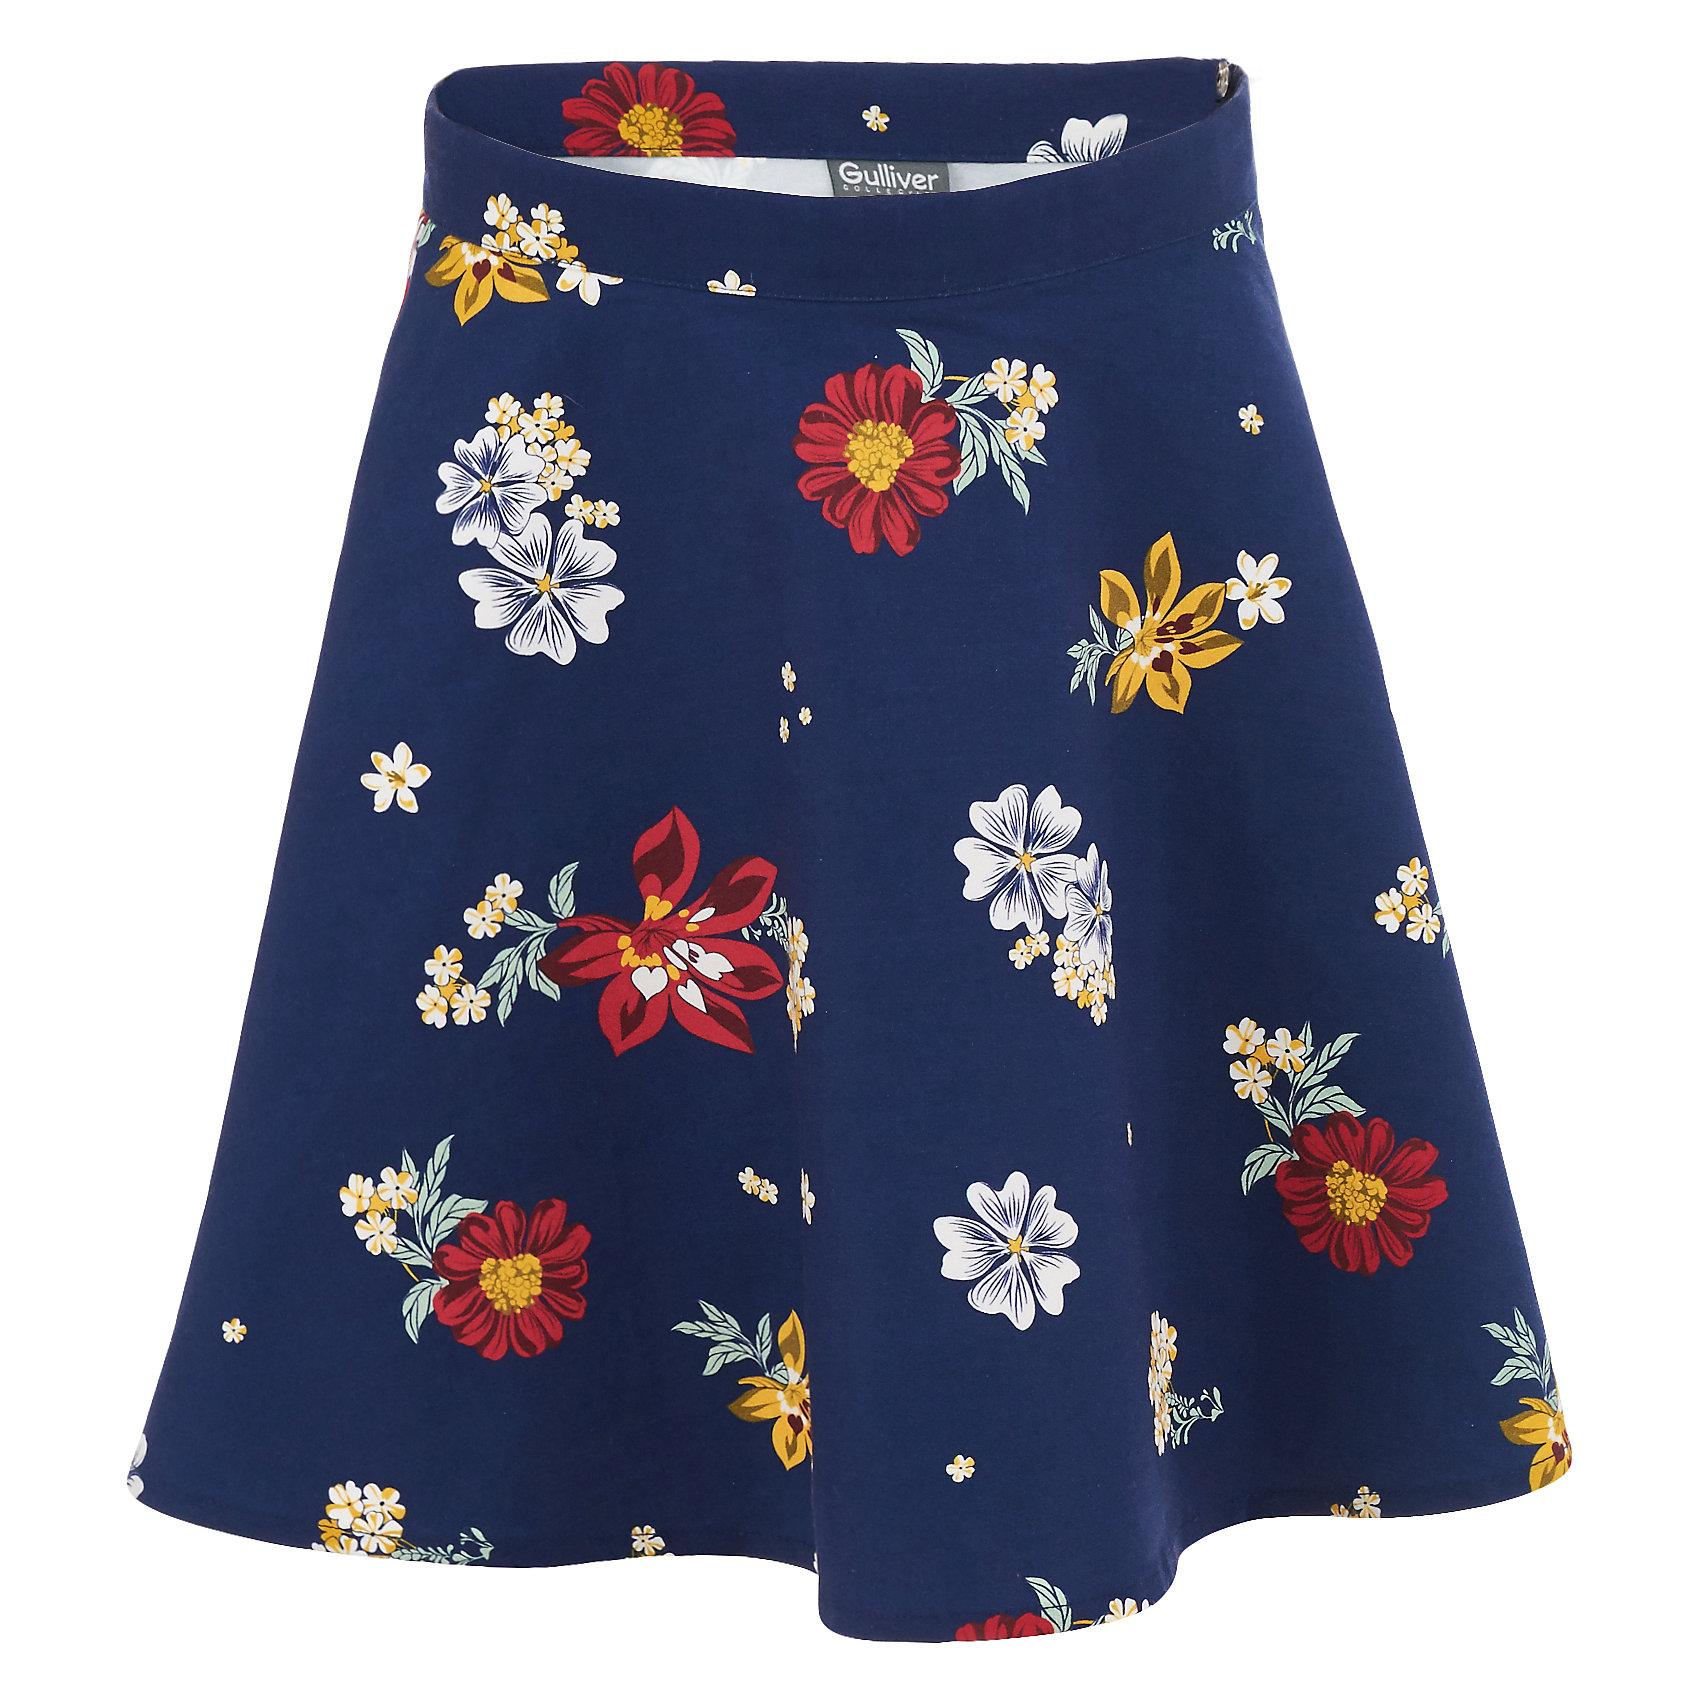 Юбка Gulliver для девочкиЮбки<br>Юбка Gulliver для девочки<br>Облегающие трикотажные брюки для девочки - изделие из разряда must have! Их секрет - в многофункциональности и удобстве. Они могут выглядеть как плотные колготки, красиво дополняя платье и блузу; они могут быть легинсами, прекрасно завершая look со свитером или удлиненной футболкой; они могут смотреться строгими облегающими брюками, подчеркивая хрупкость и грациозность своей обладательницы. Если вы хотите приобрести стильную, практичную, комфортную вещь, которая не будет пылиться в шкафу, а станет базовой моделью в формировании повседневного образа, вам стоит купить синие брюки для девочки от Gulliver. В них ей гарантирован комфорт, свобода движений и возможность быть самой собой.<br>Состав:<br>65% вискоза            30% нейлон         5% эластан<br><br>Ширина мм: 207<br>Глубина мм: 10<br>Высота мм: 189<br>Вес г: 183<br>Цвет: синий<br>Возраст от месяцев: 108<br>Возраст до месяцев: 120<br>Пол: Женский<br>Возраст: Детский<br>Размер: 140,122,128,134<br>SKU: 7076827